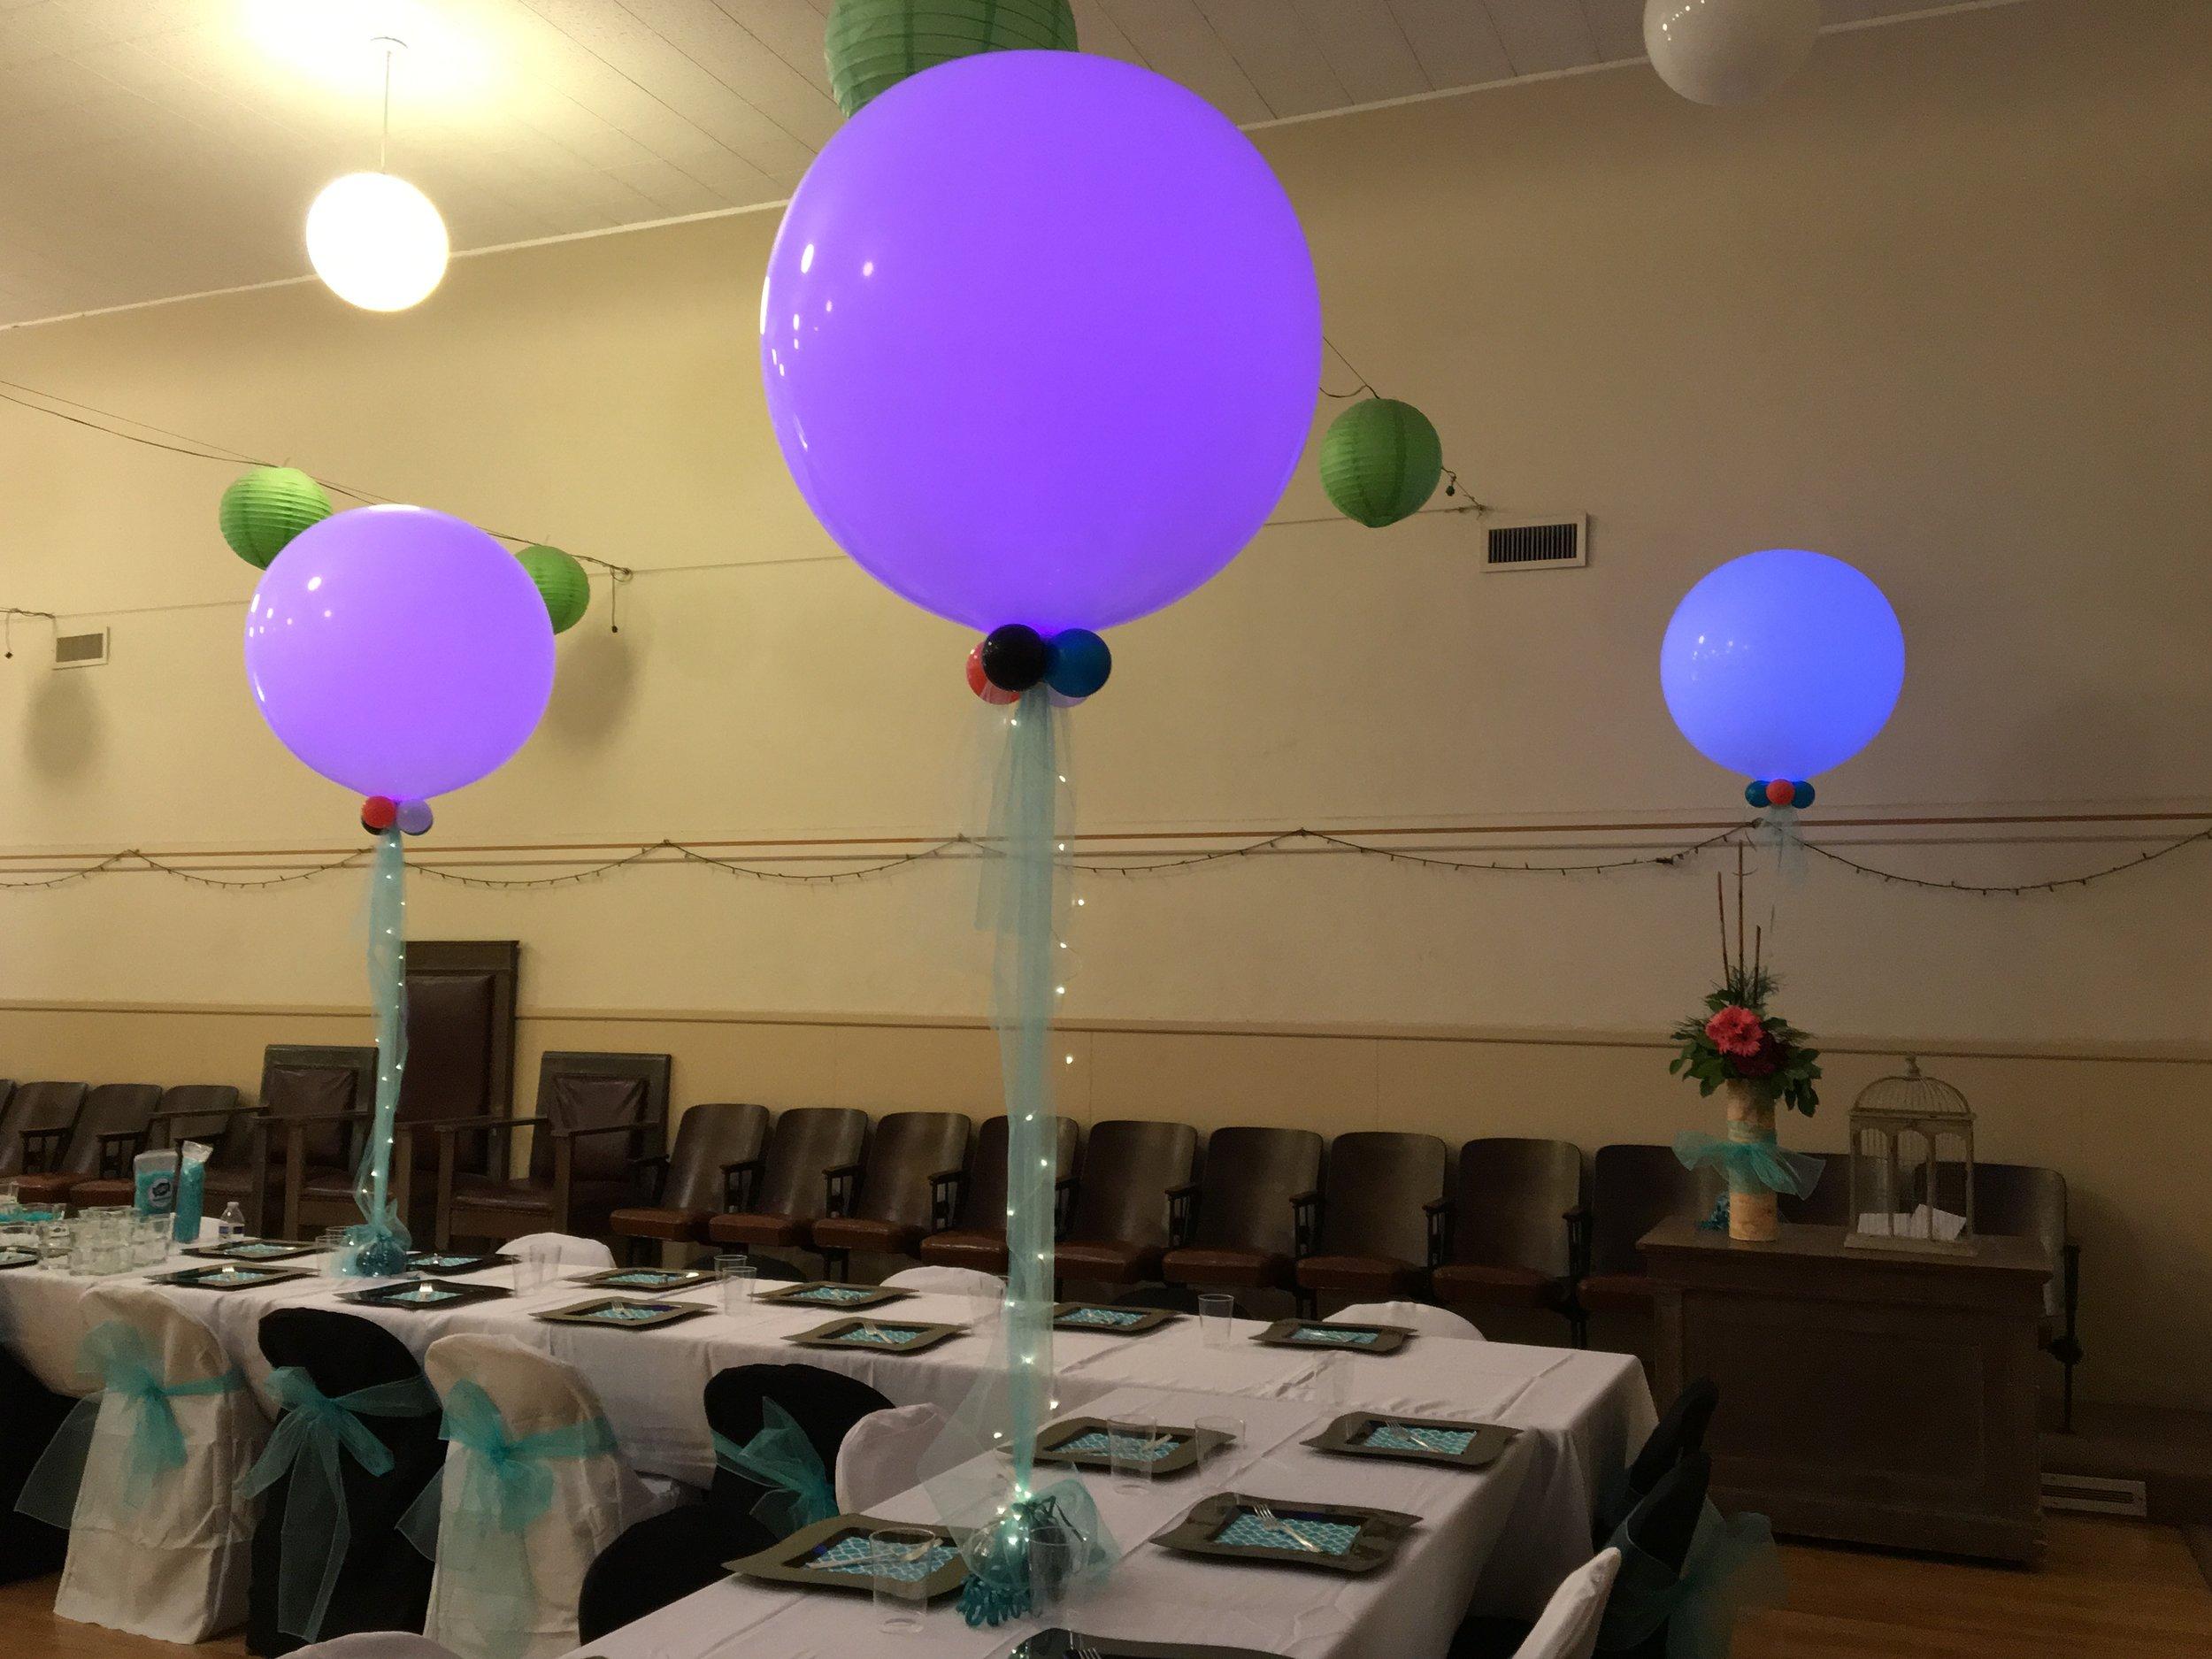 Illuminated 3' Balloons - BAL 019